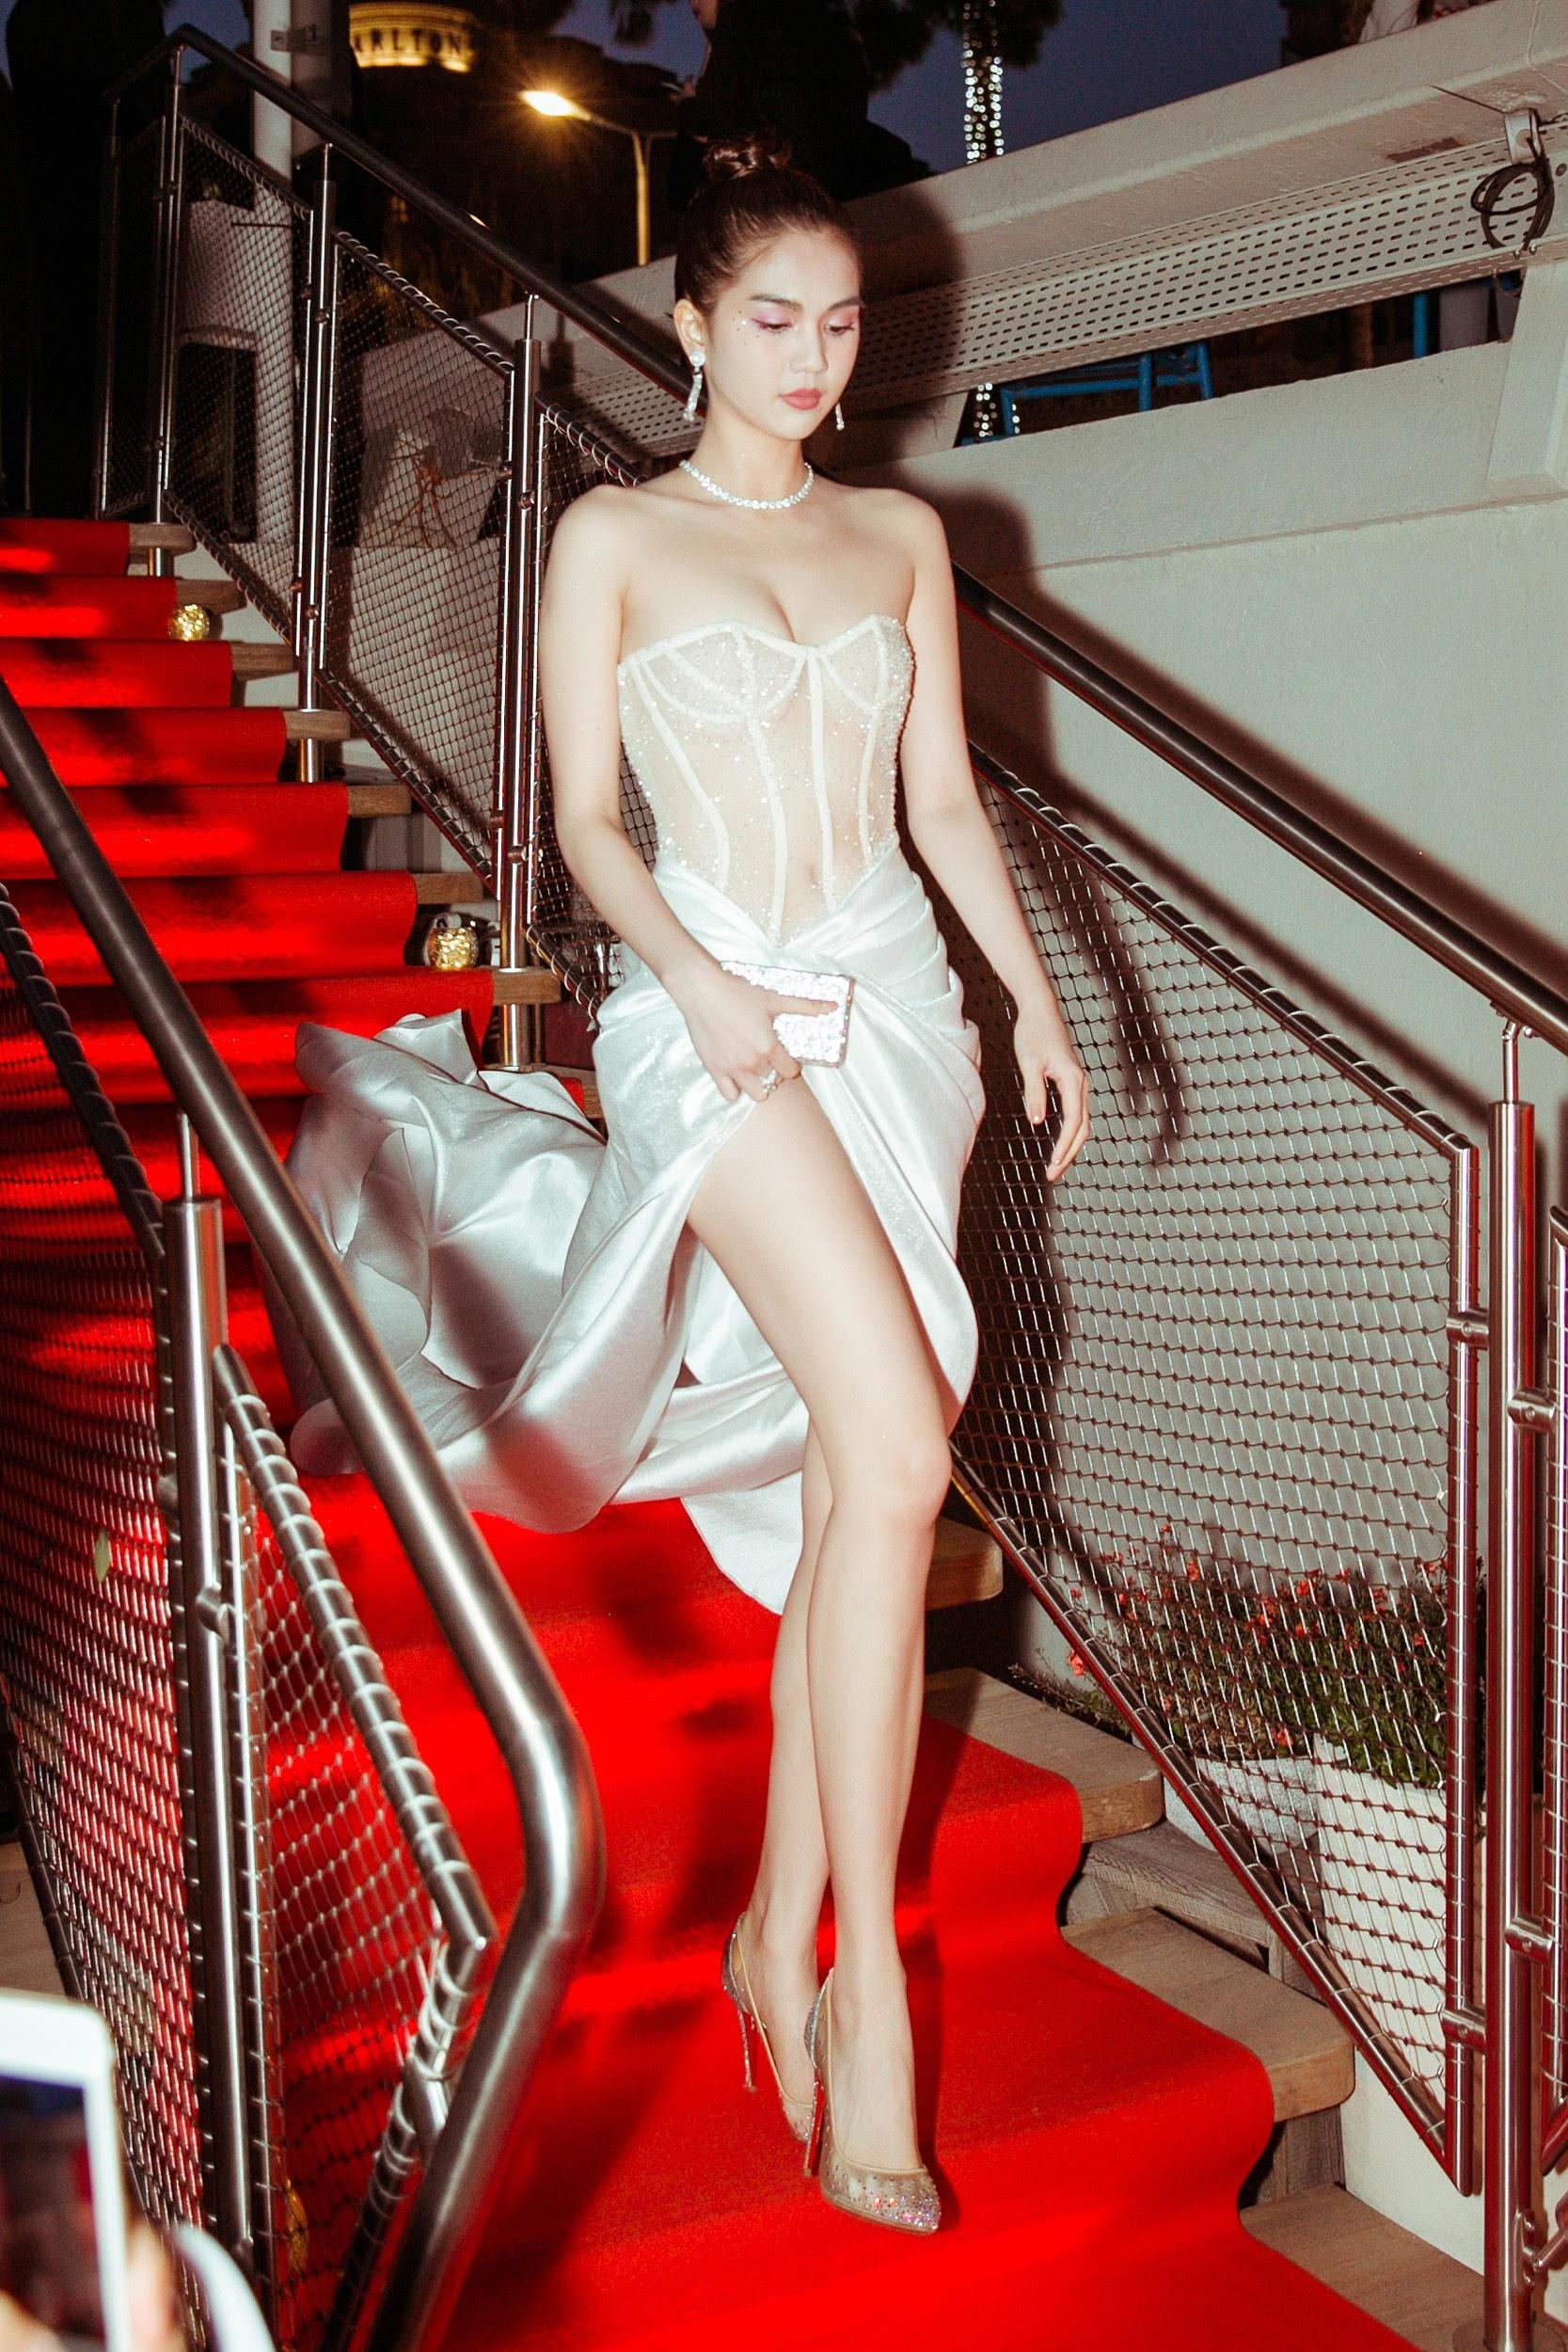 Sau lùm xùm hở bạo trên thảm đỏ Cannes, Ngọc Trinh xuất hiện gợi cảm nhưng vẫn kín đáo ngọt ngào khi về nước